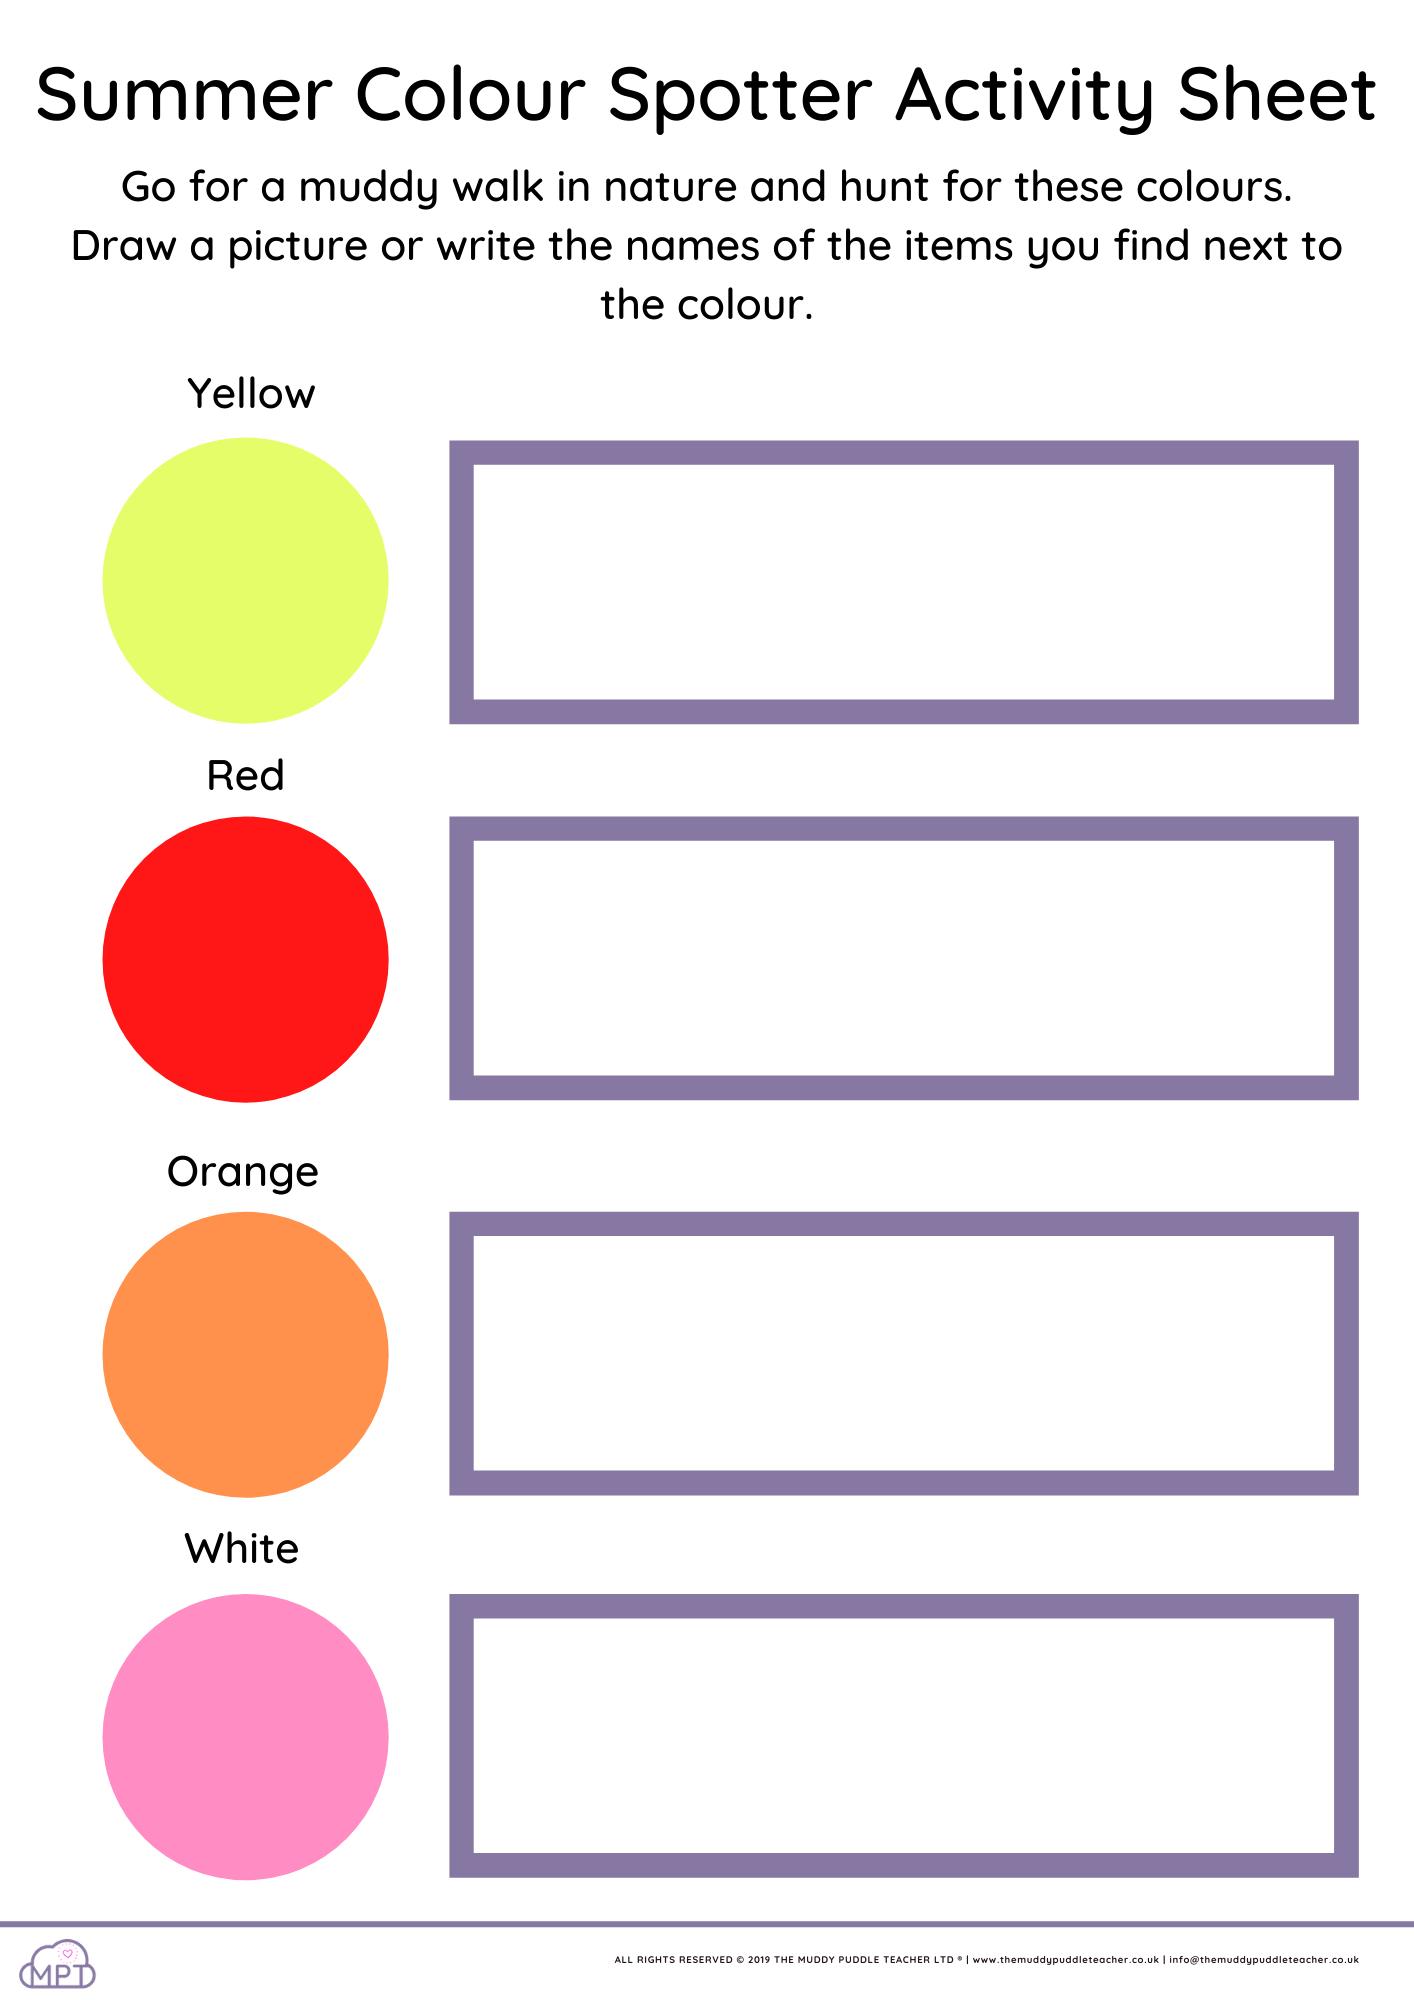 Summer Colour Spotter Activity Sheet